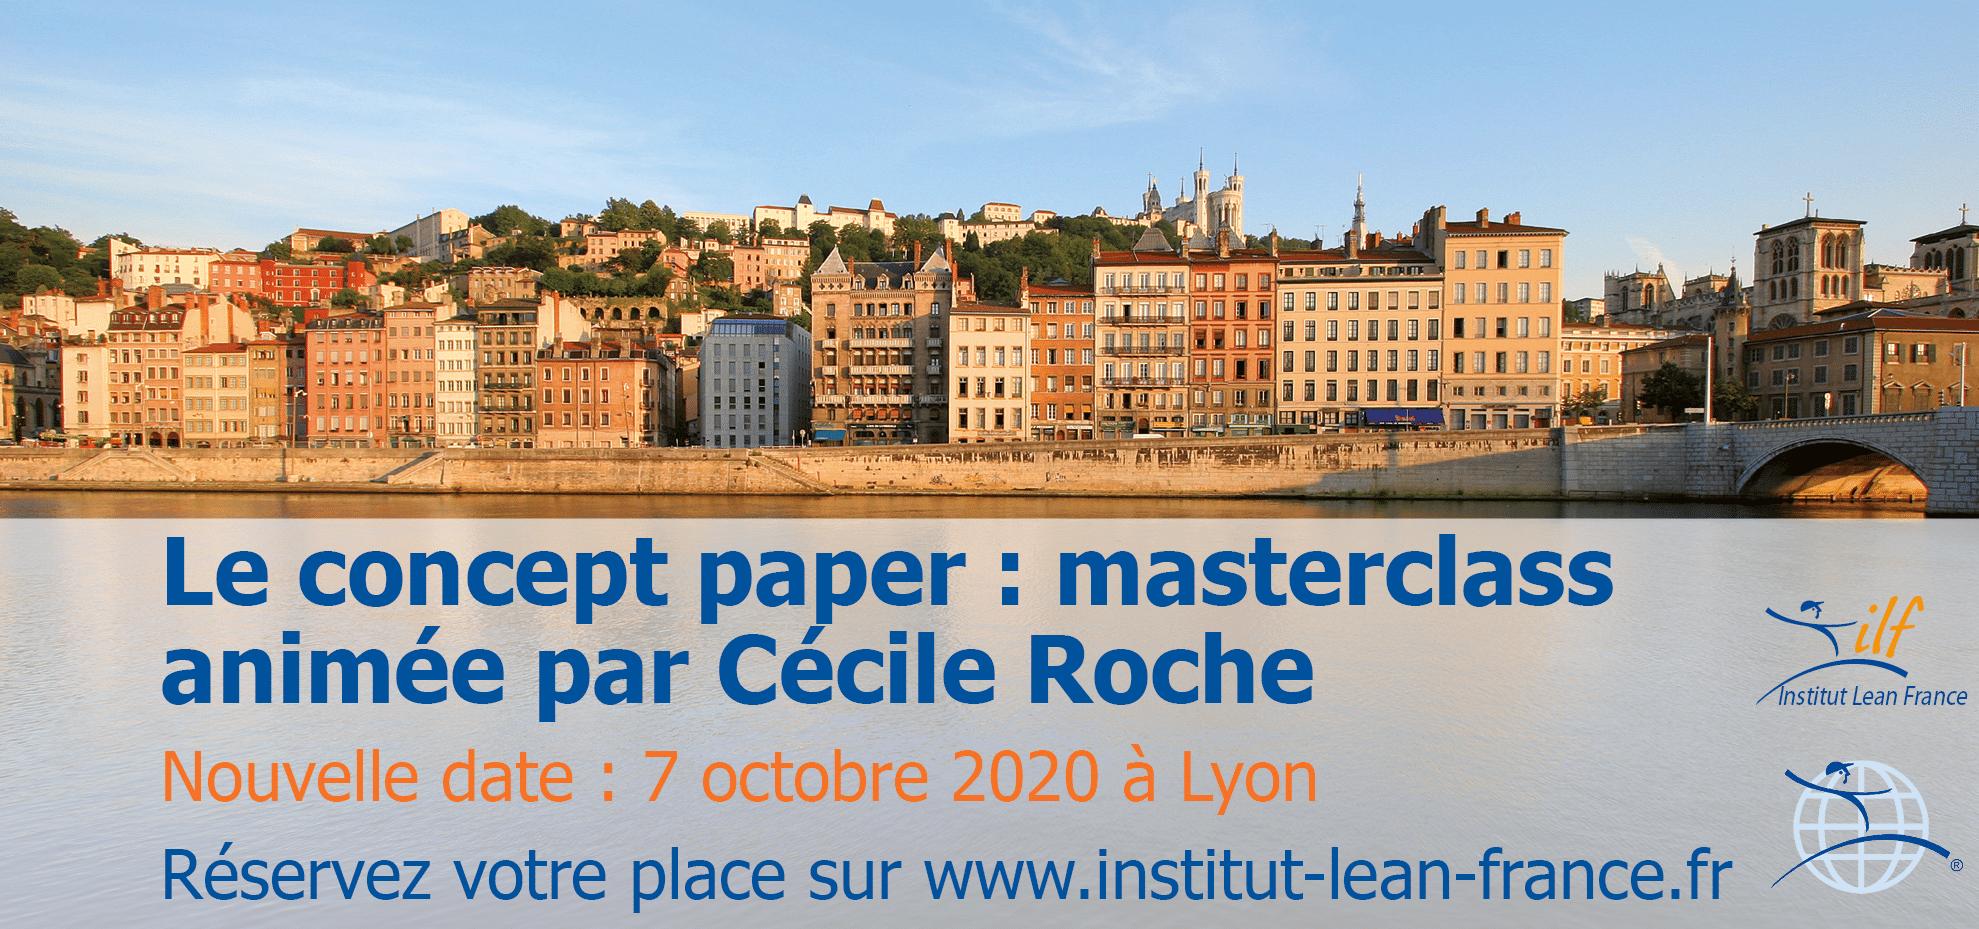 masterclass concept paper 7 octobre 2020